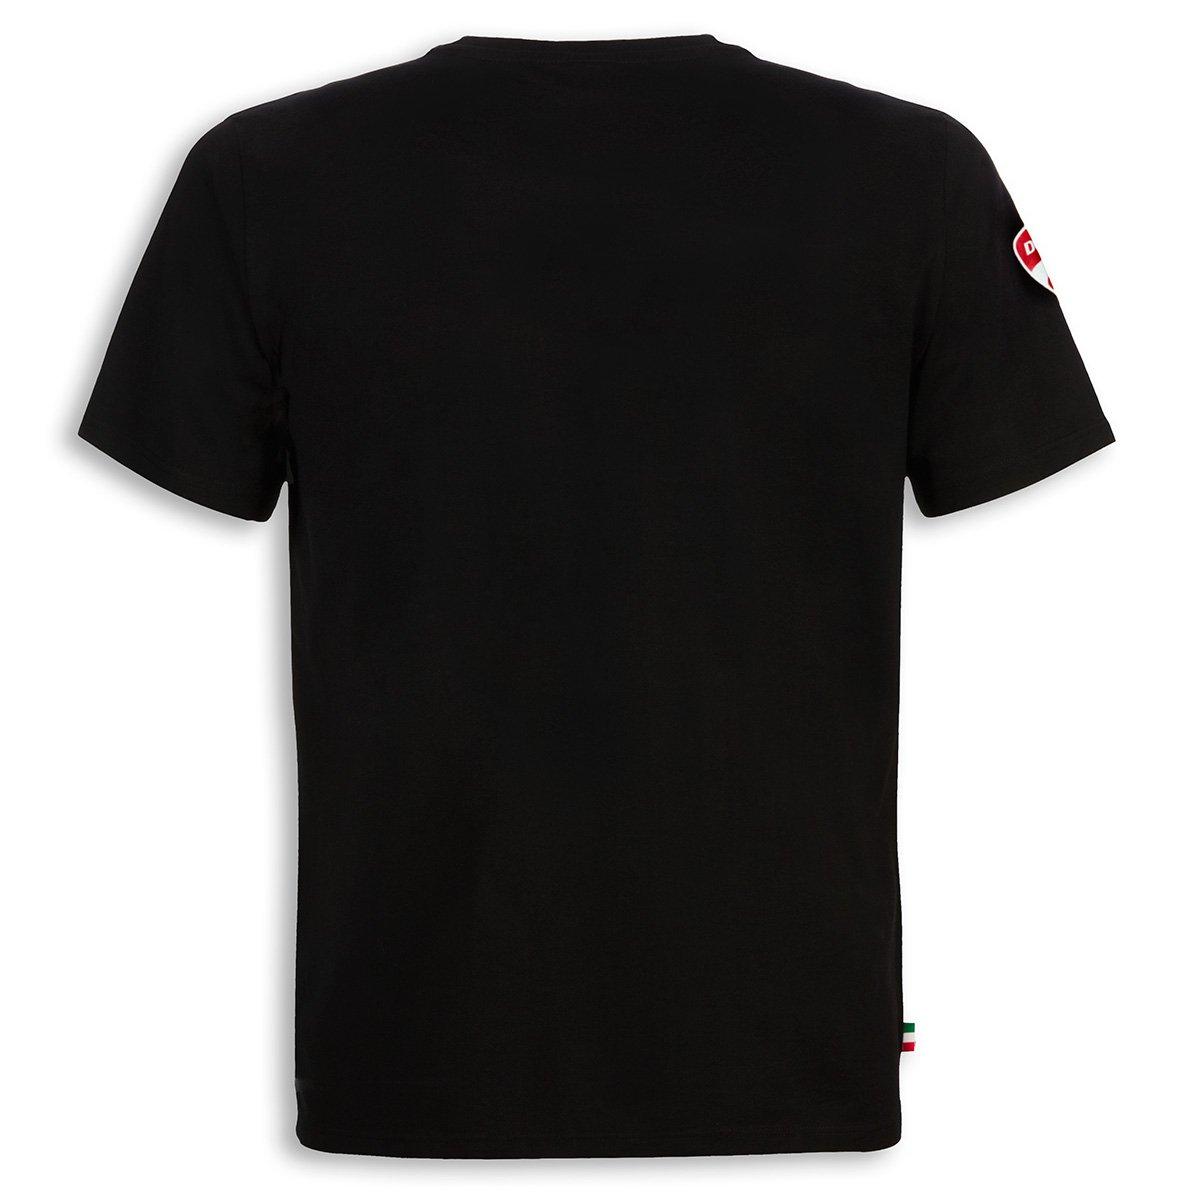 【DUCATI performance】Ducatiana 2 T恤 - 「Webike-摩托百貨」